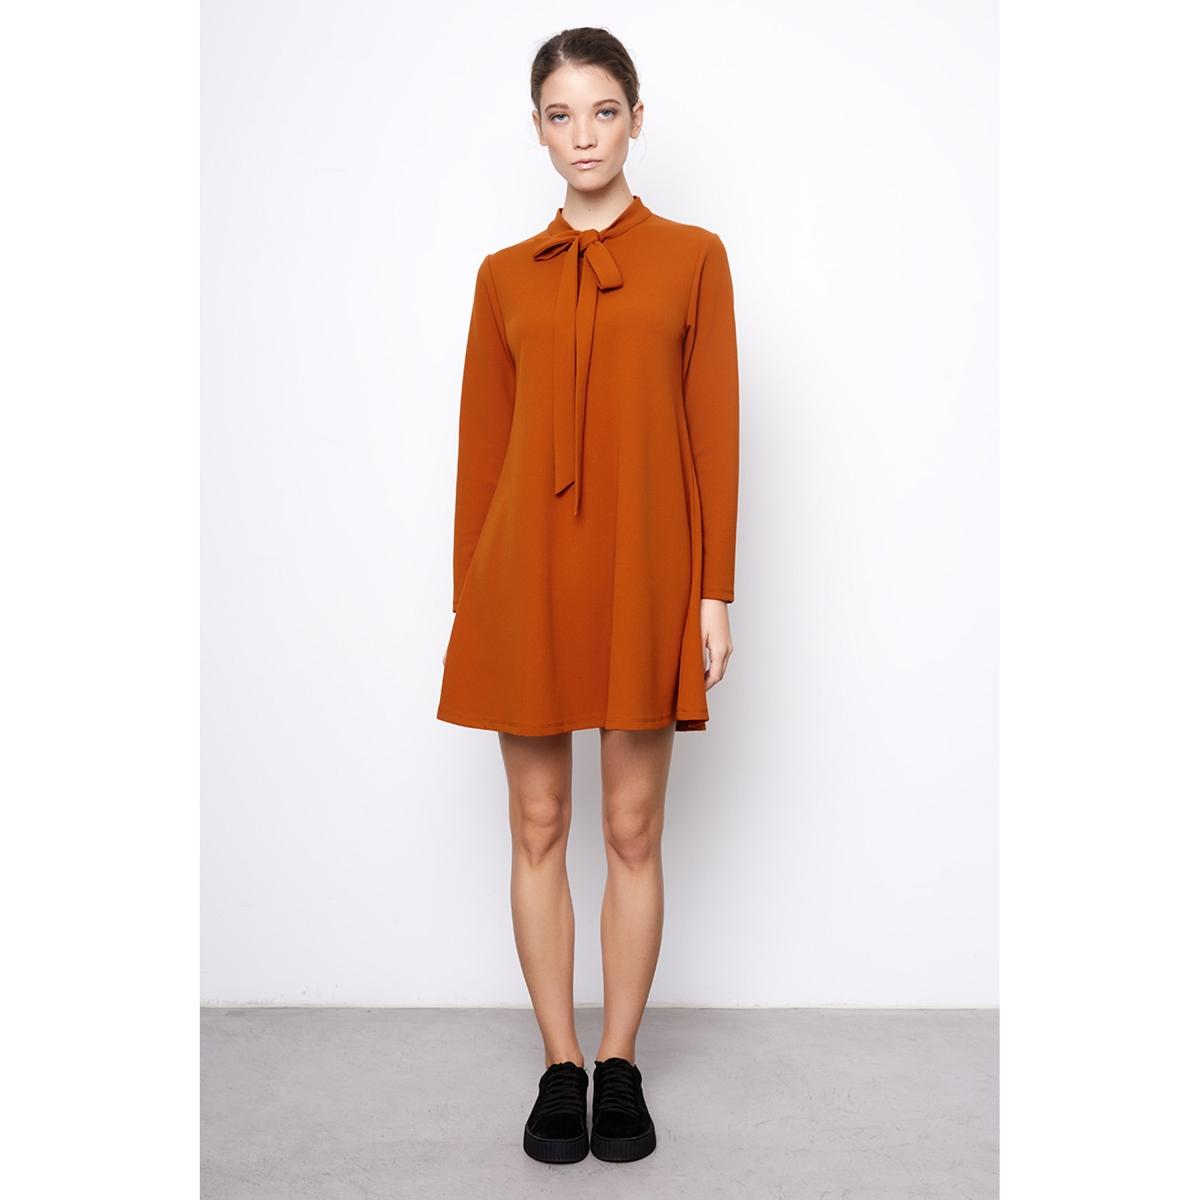 Платье короткое с длинными рукавамиДетали •  Форма : расклешенная •  Короткое  •  Длинные рукава     •  Галстук-бантСостав и уход •  5% эластана, 95% полиэстера  •  Следуйте советам по уходу, указанным на этикетке<br><br>Цвет: зеленый английский,коньячный<br>Размер: S.XS